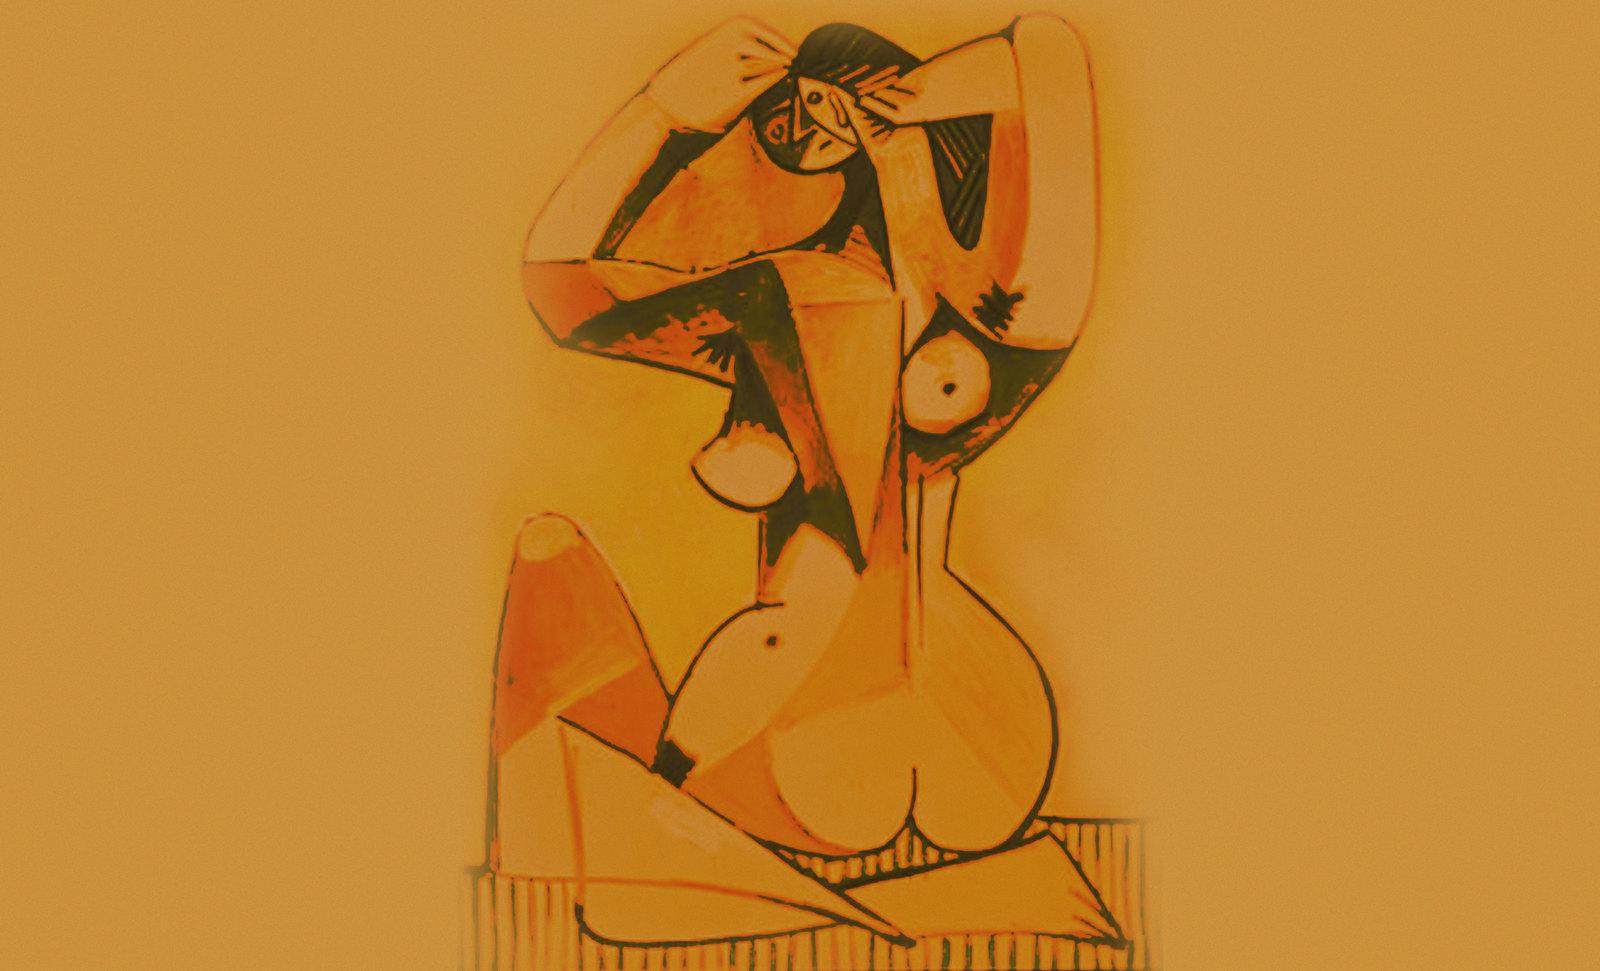 Bañándose, propuestas de Edgar Degas (1883), variaciones sobre un mismo tema de Pablo Picasso (1952).